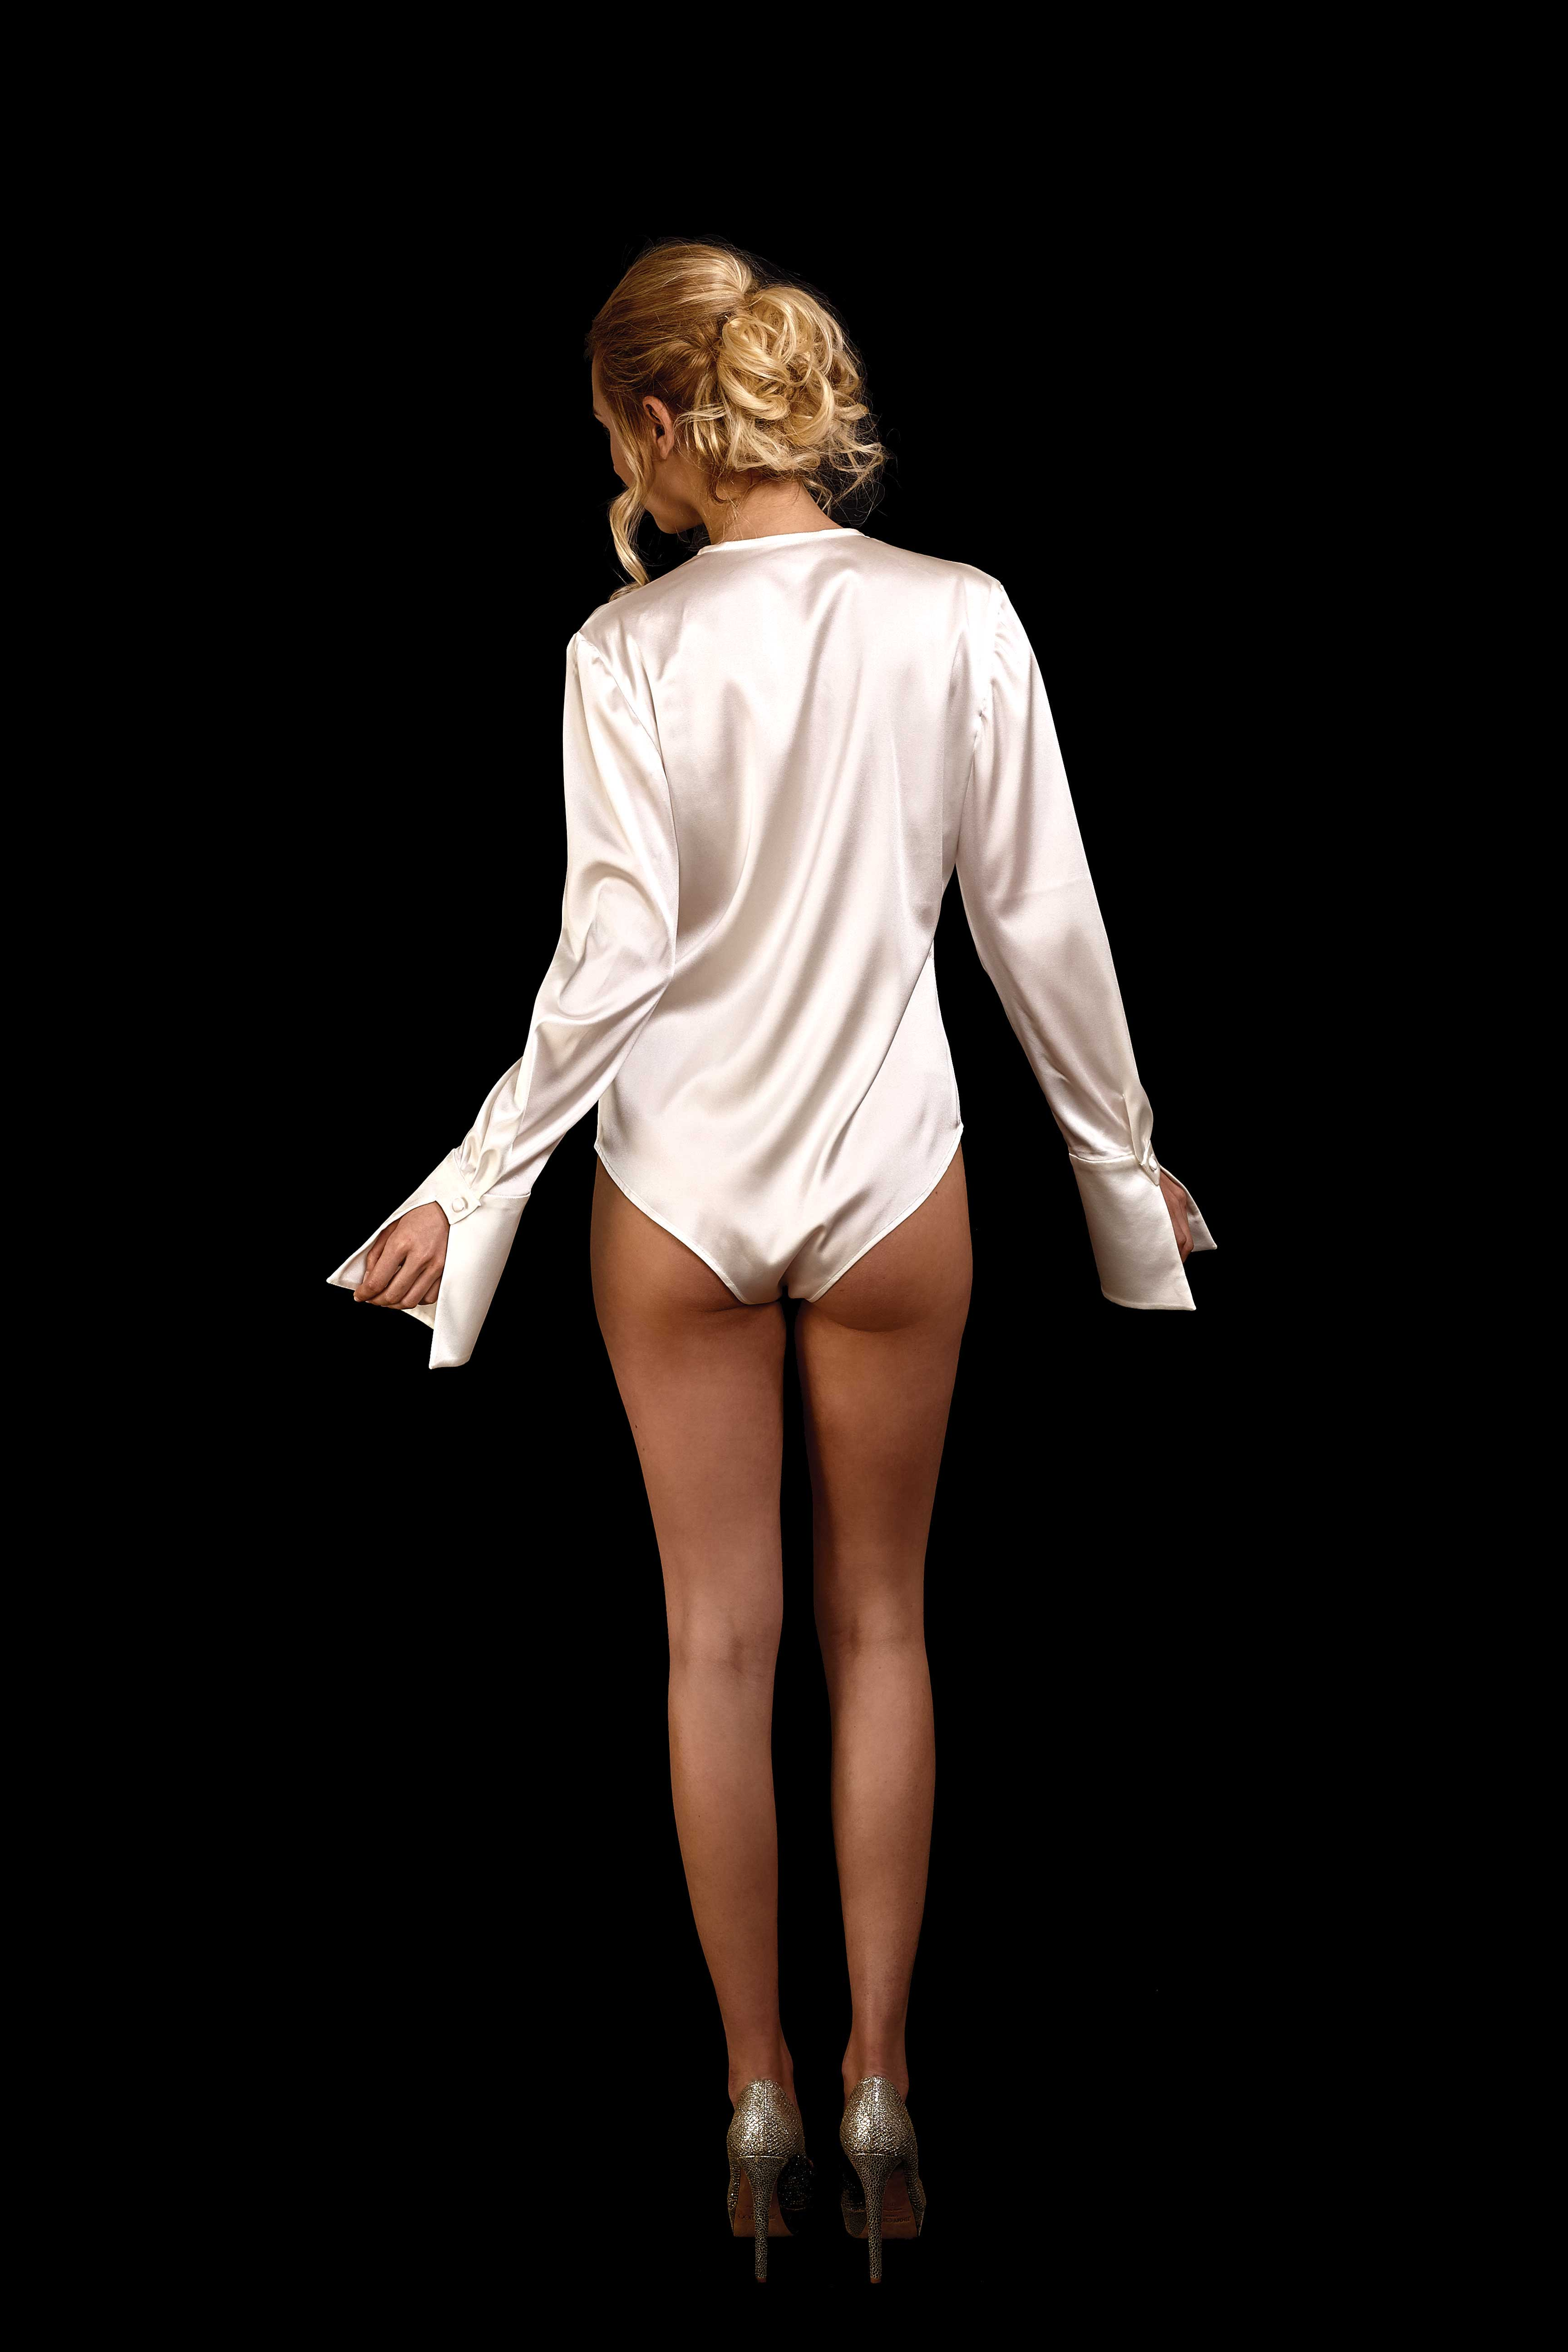 Rückenansicht Body-Bluse aus Seide mit tiefem Ausschnitt ohne Kragen und langen Ärmeln in ivory